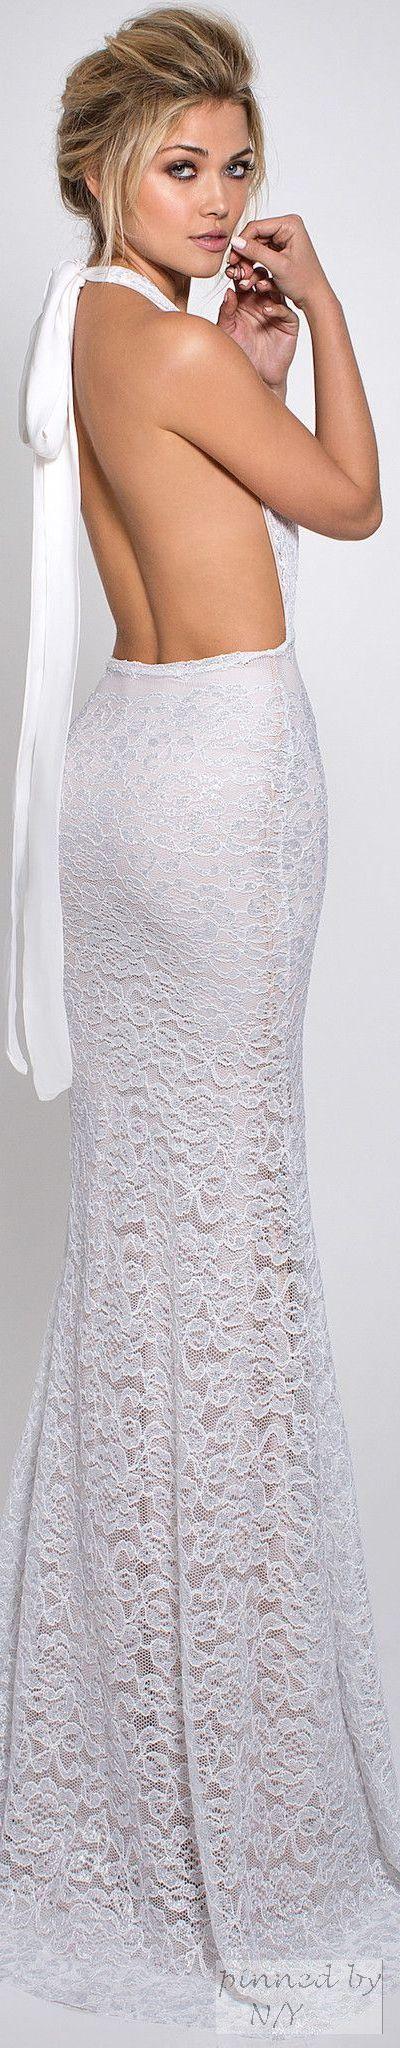 Lurelly adele lace gownwhite ii ny white so chic pinterest